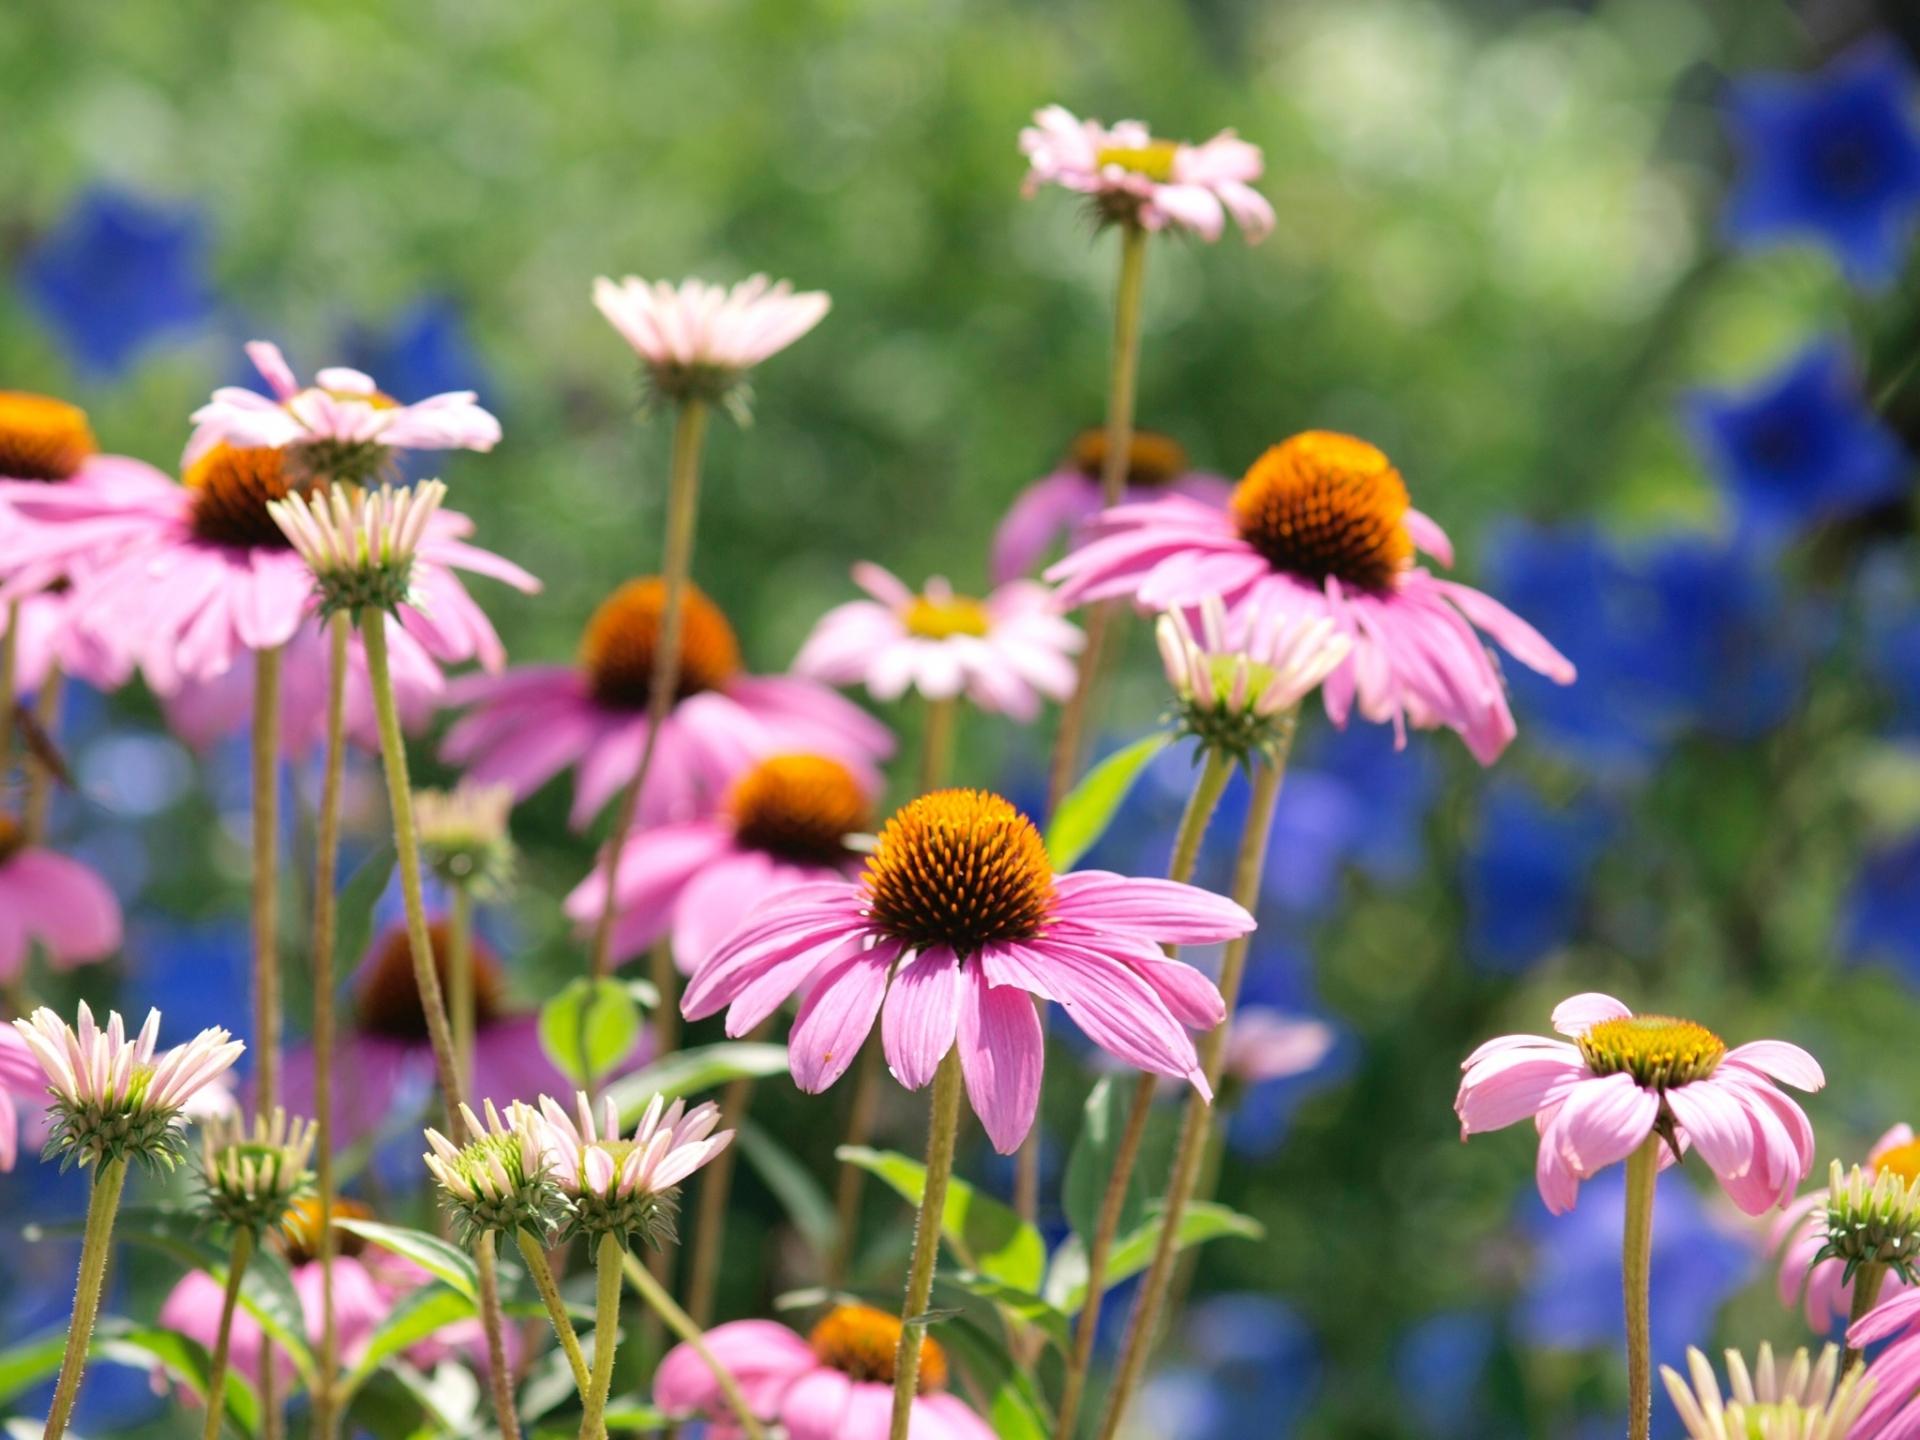 ガーデン用品屋さんの花図鑑 エキナセア